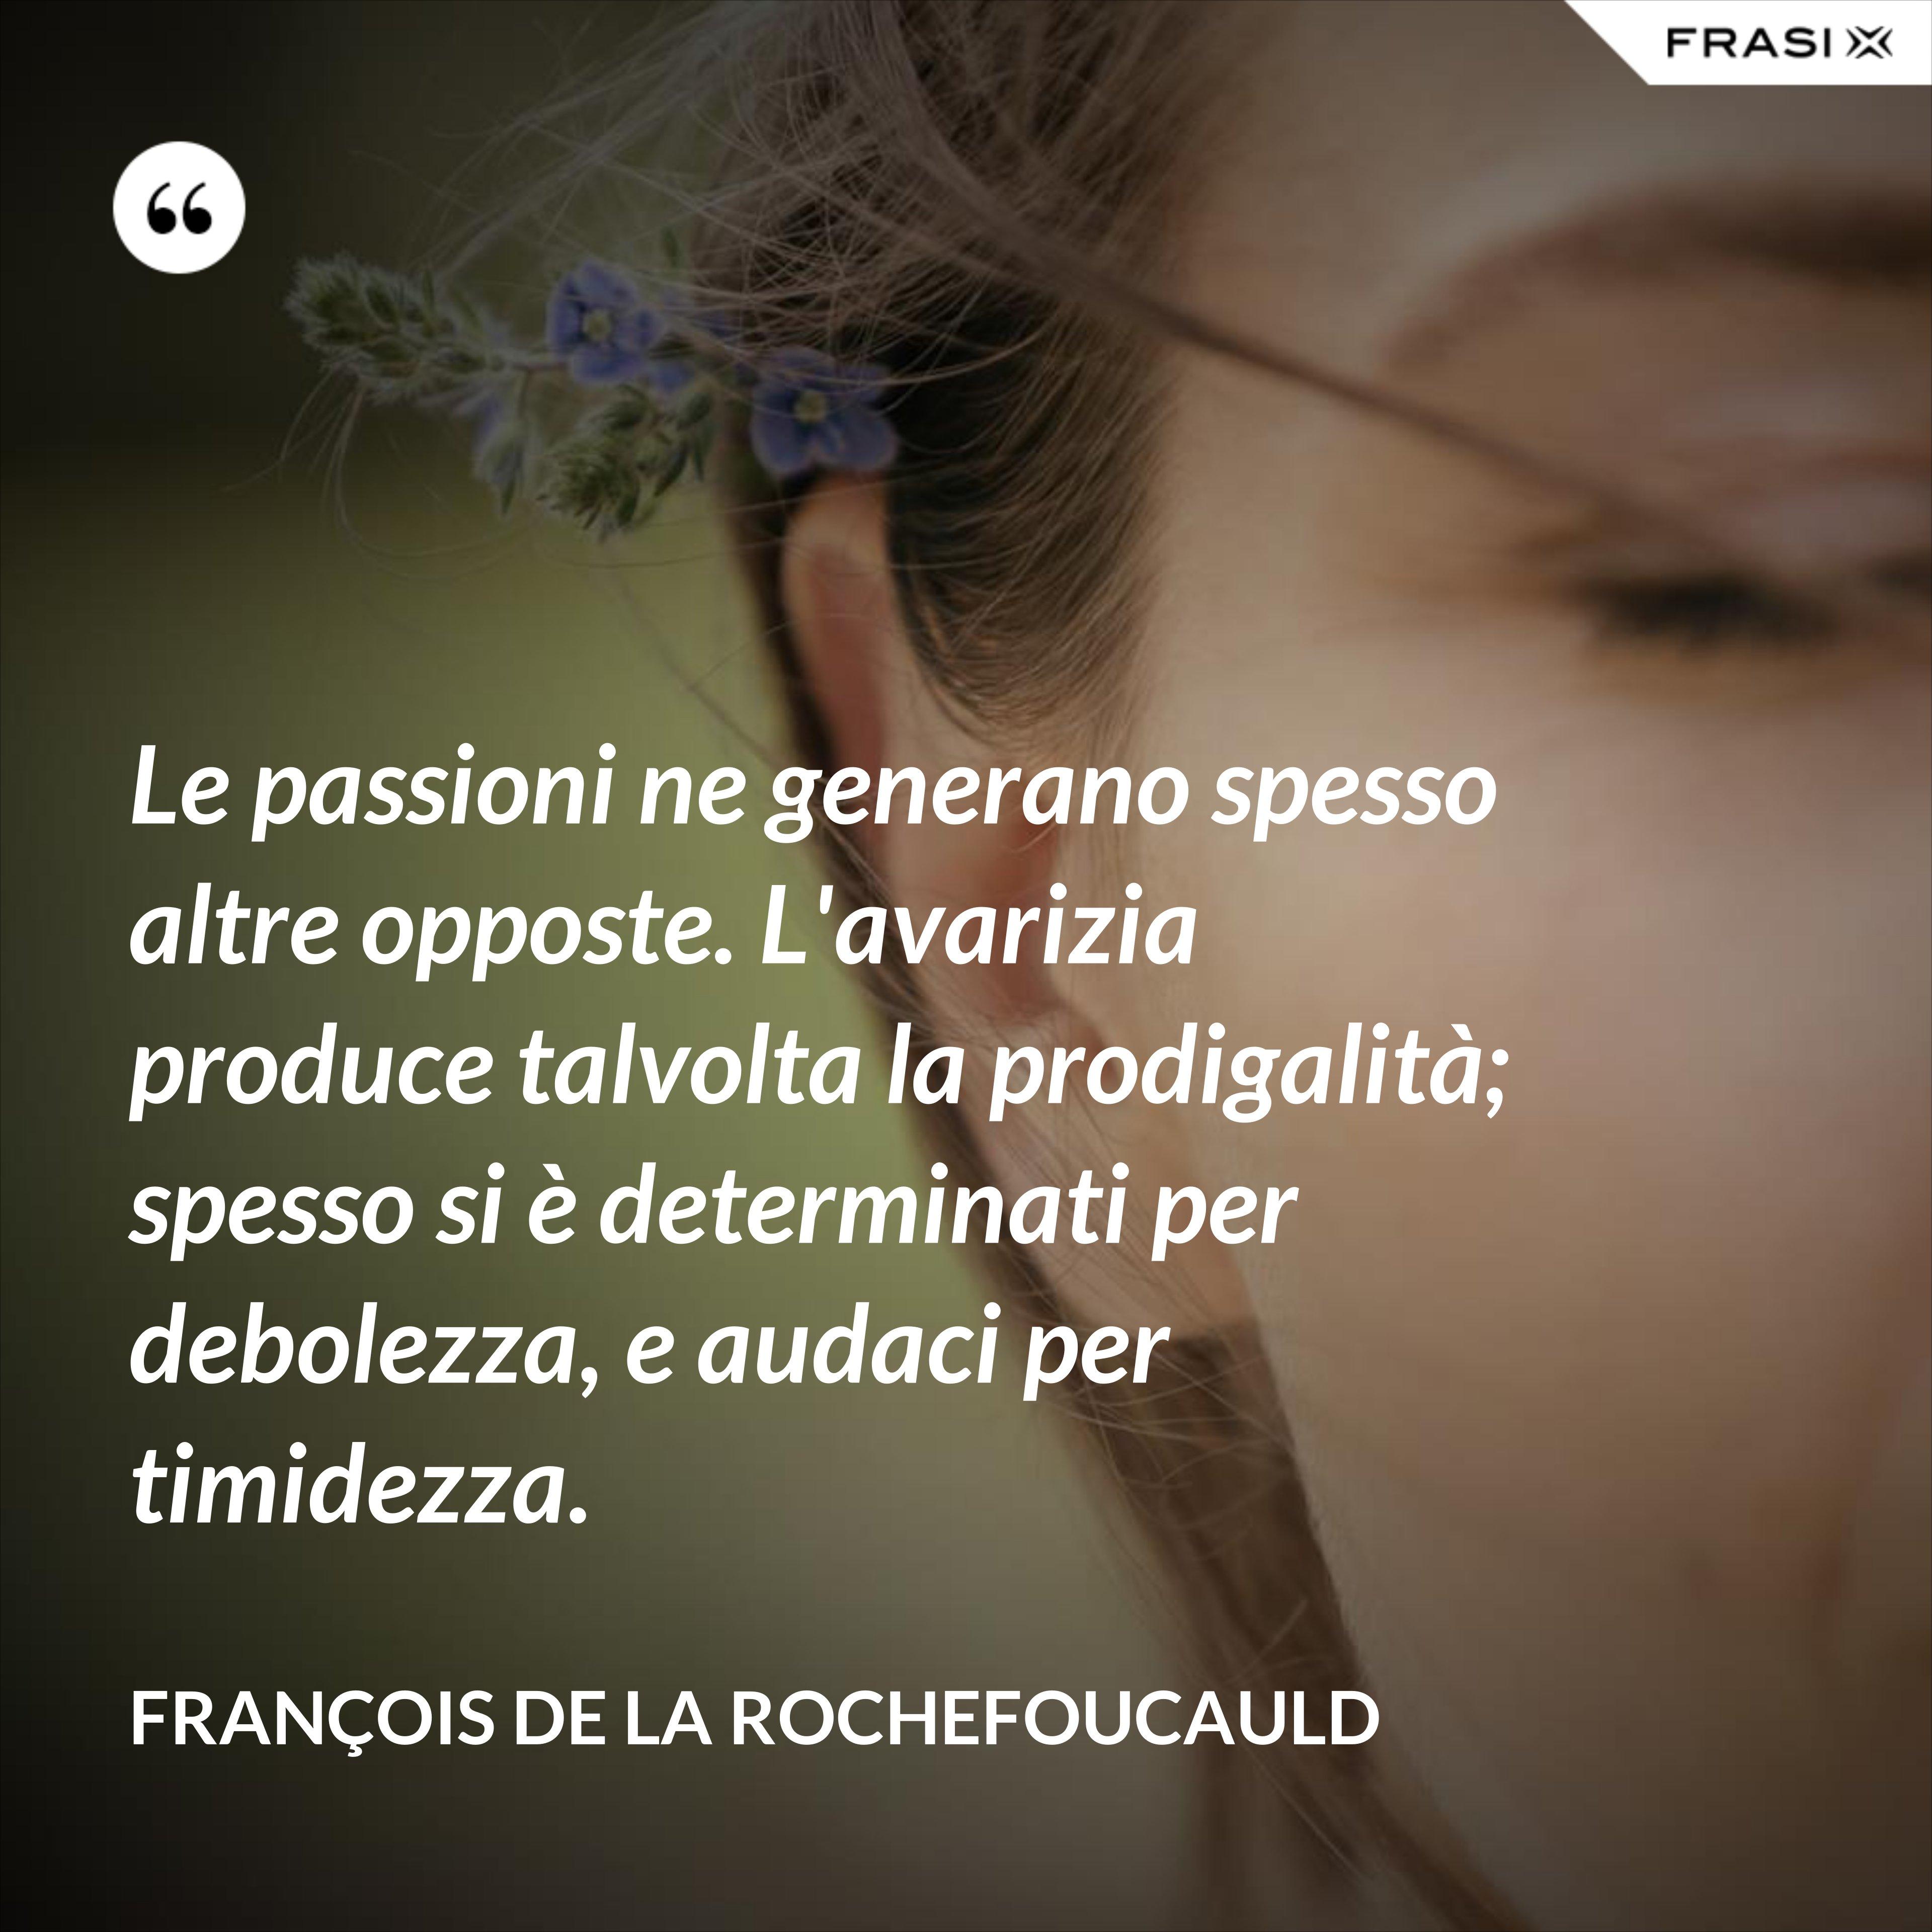 Le passioni ne generano spesso altre opposte. L'avarizia produce talvolta la prodigalità; spesso si è determinati per debolezza, e audaci per timidezza. - François de La Rochefoucauld